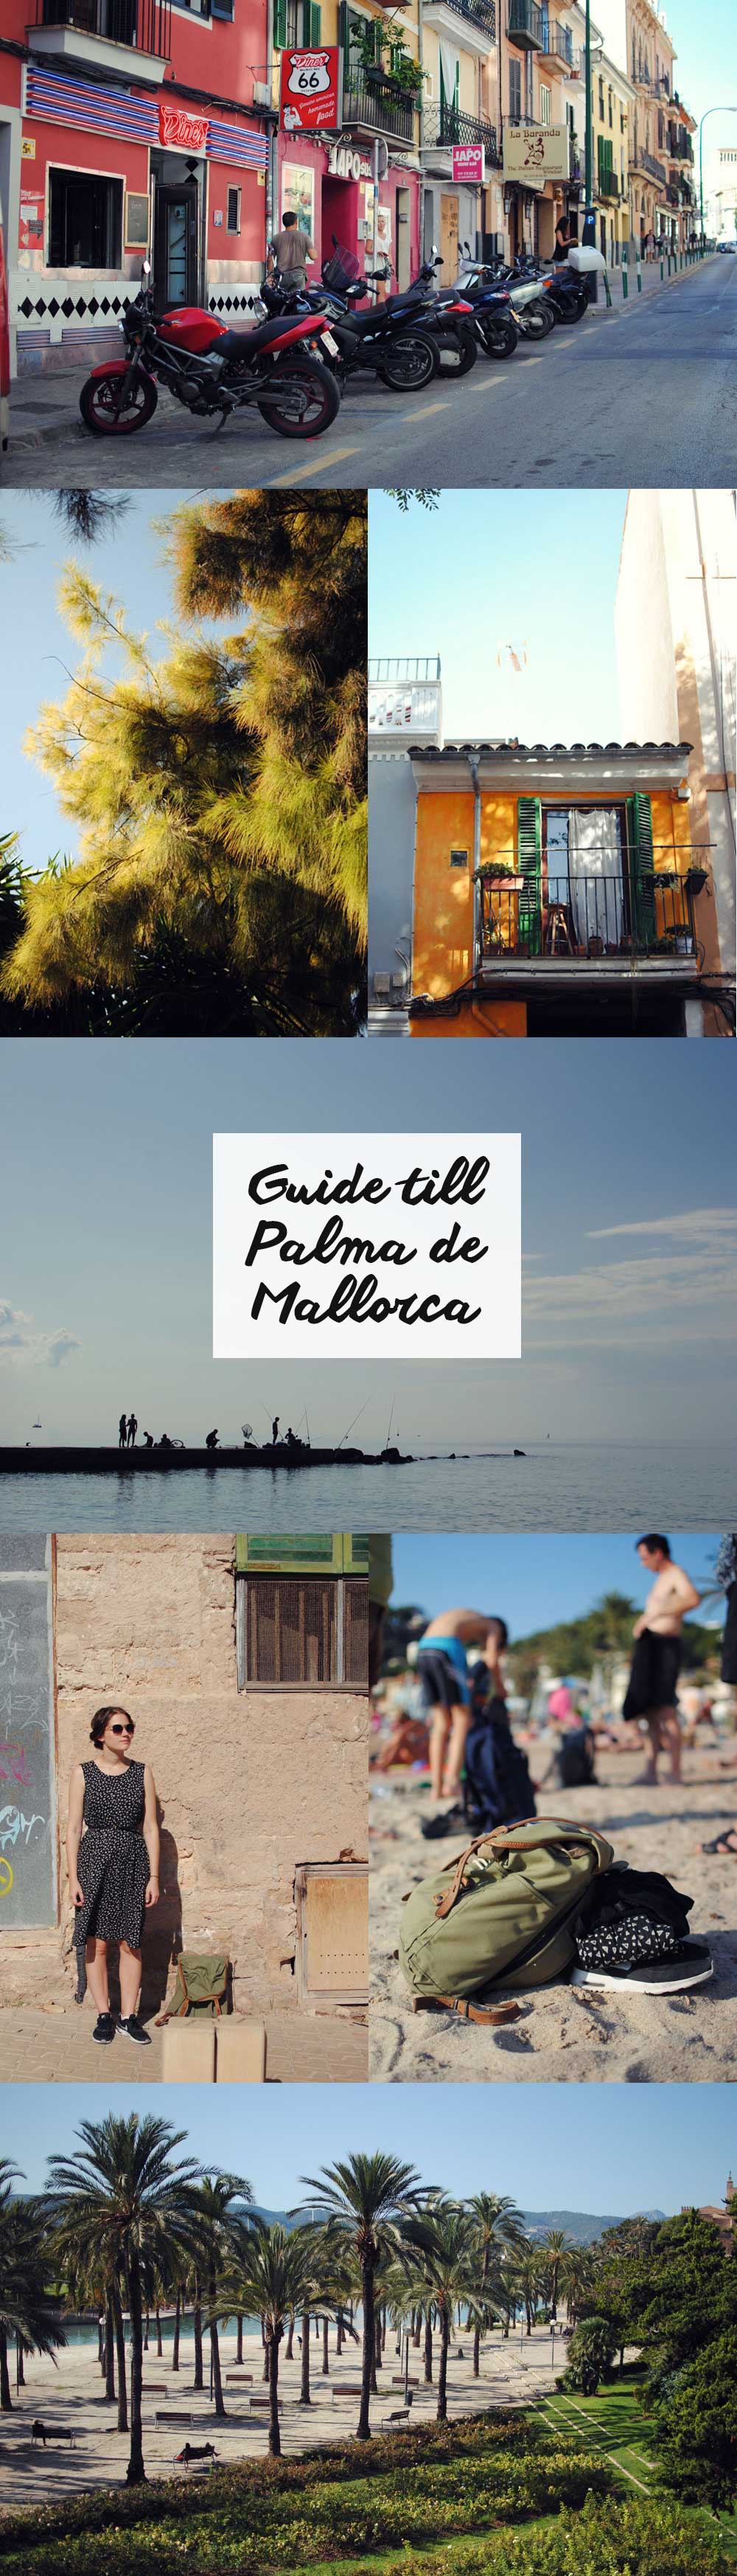 Guide till Palma de Mallorca | Frk. Kräsen